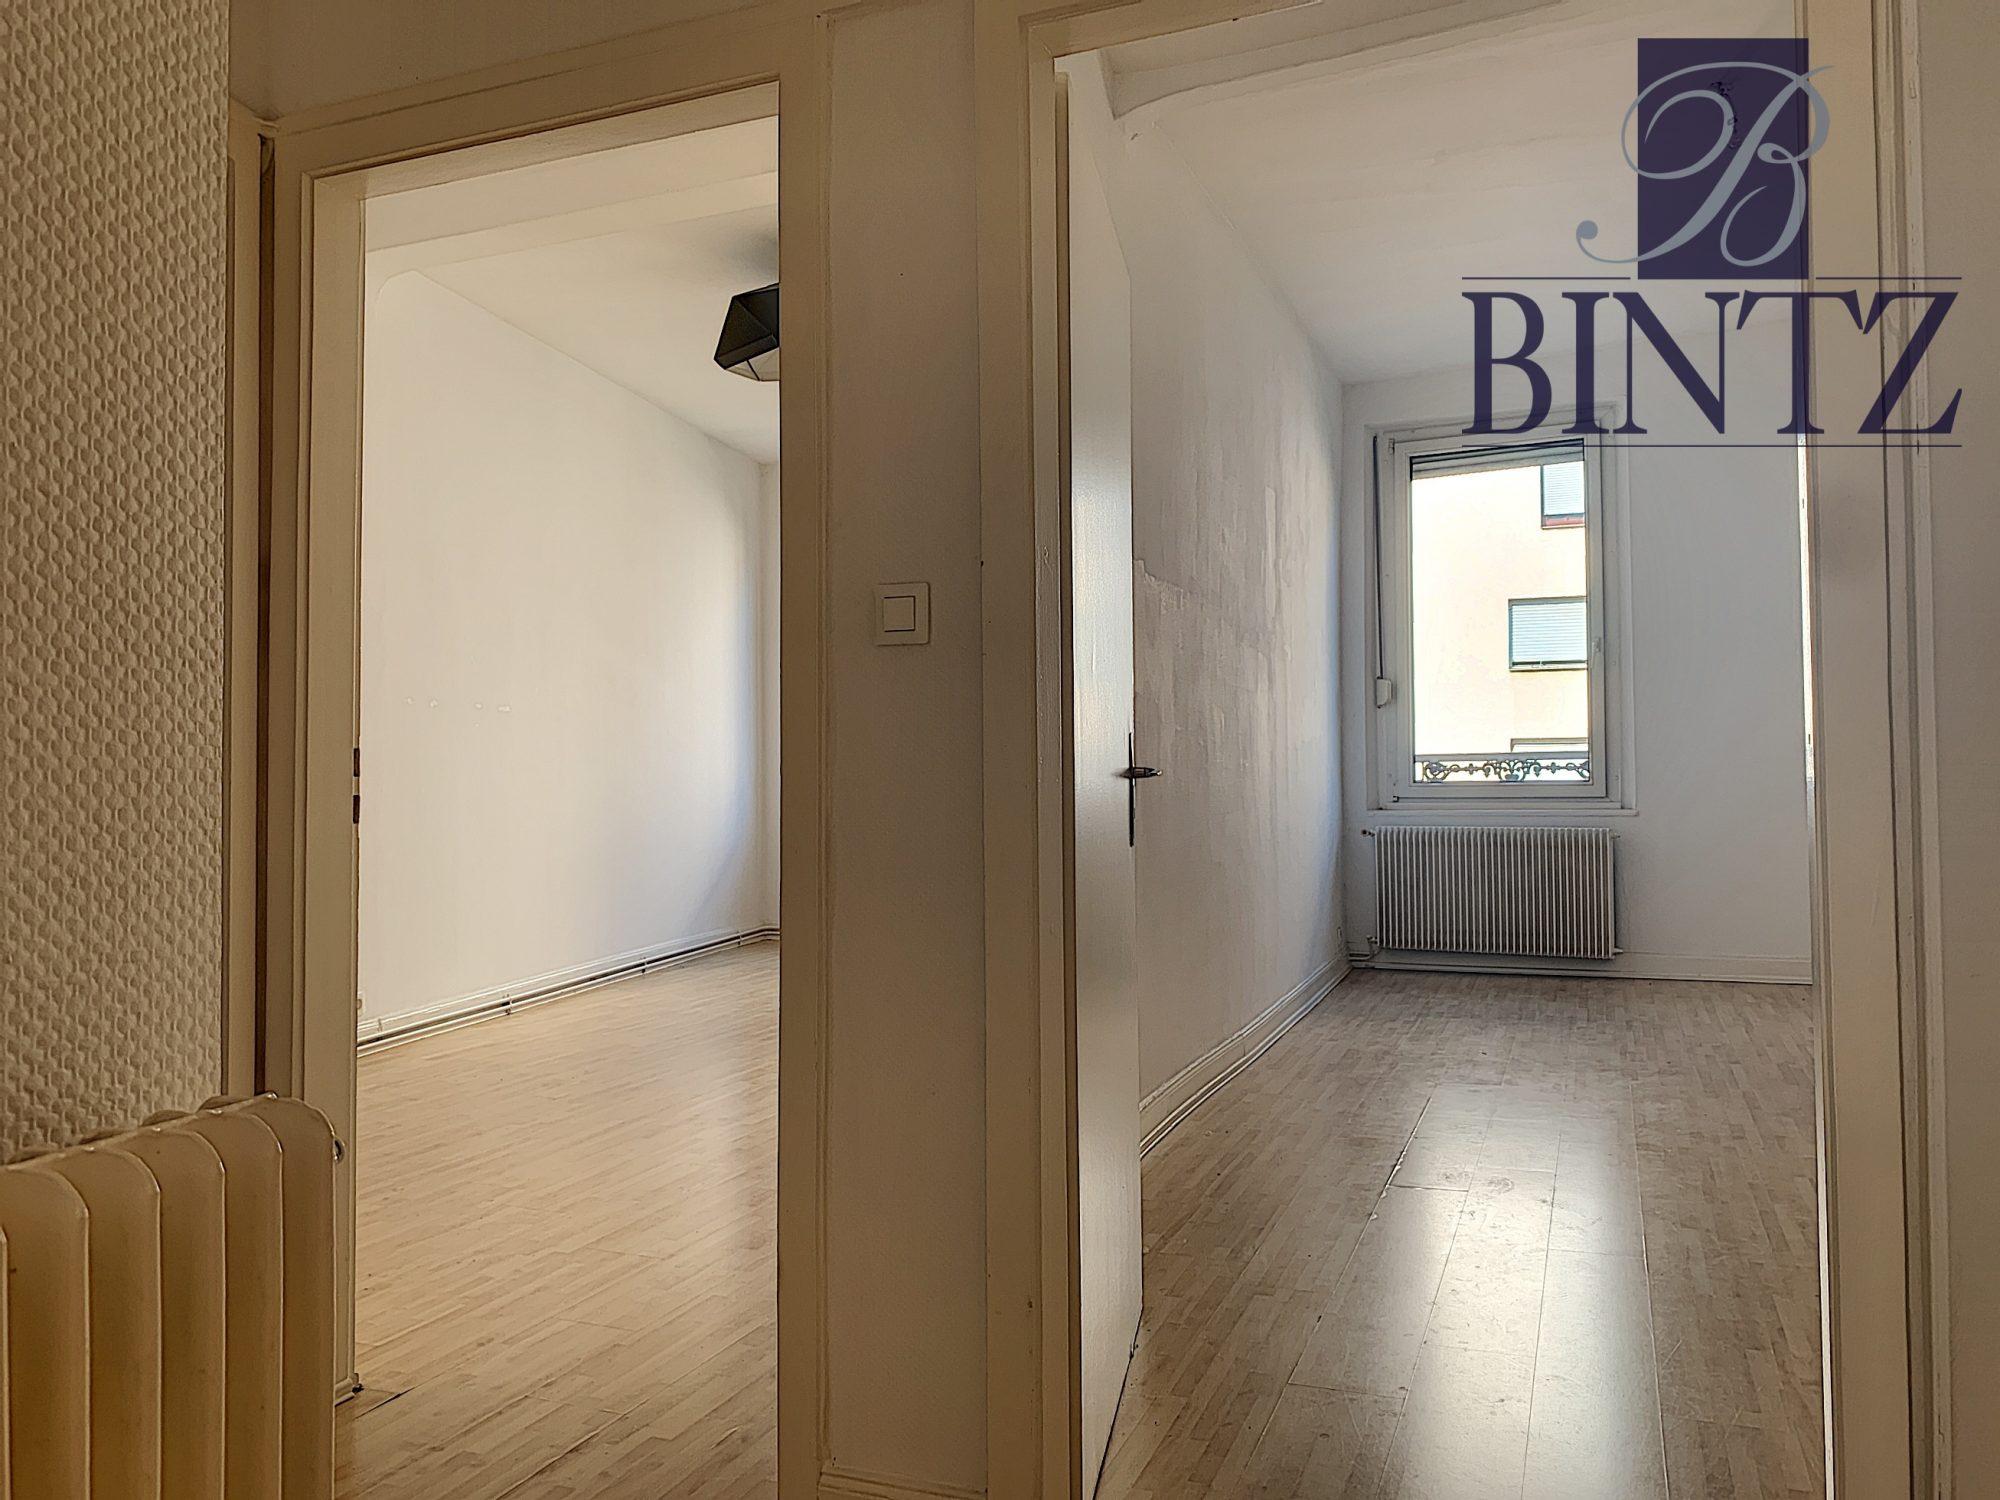 2 PIÈCES RUE DE ZURICH - Devenez locataire en toute sérénité - Bintz Immobilier - 9